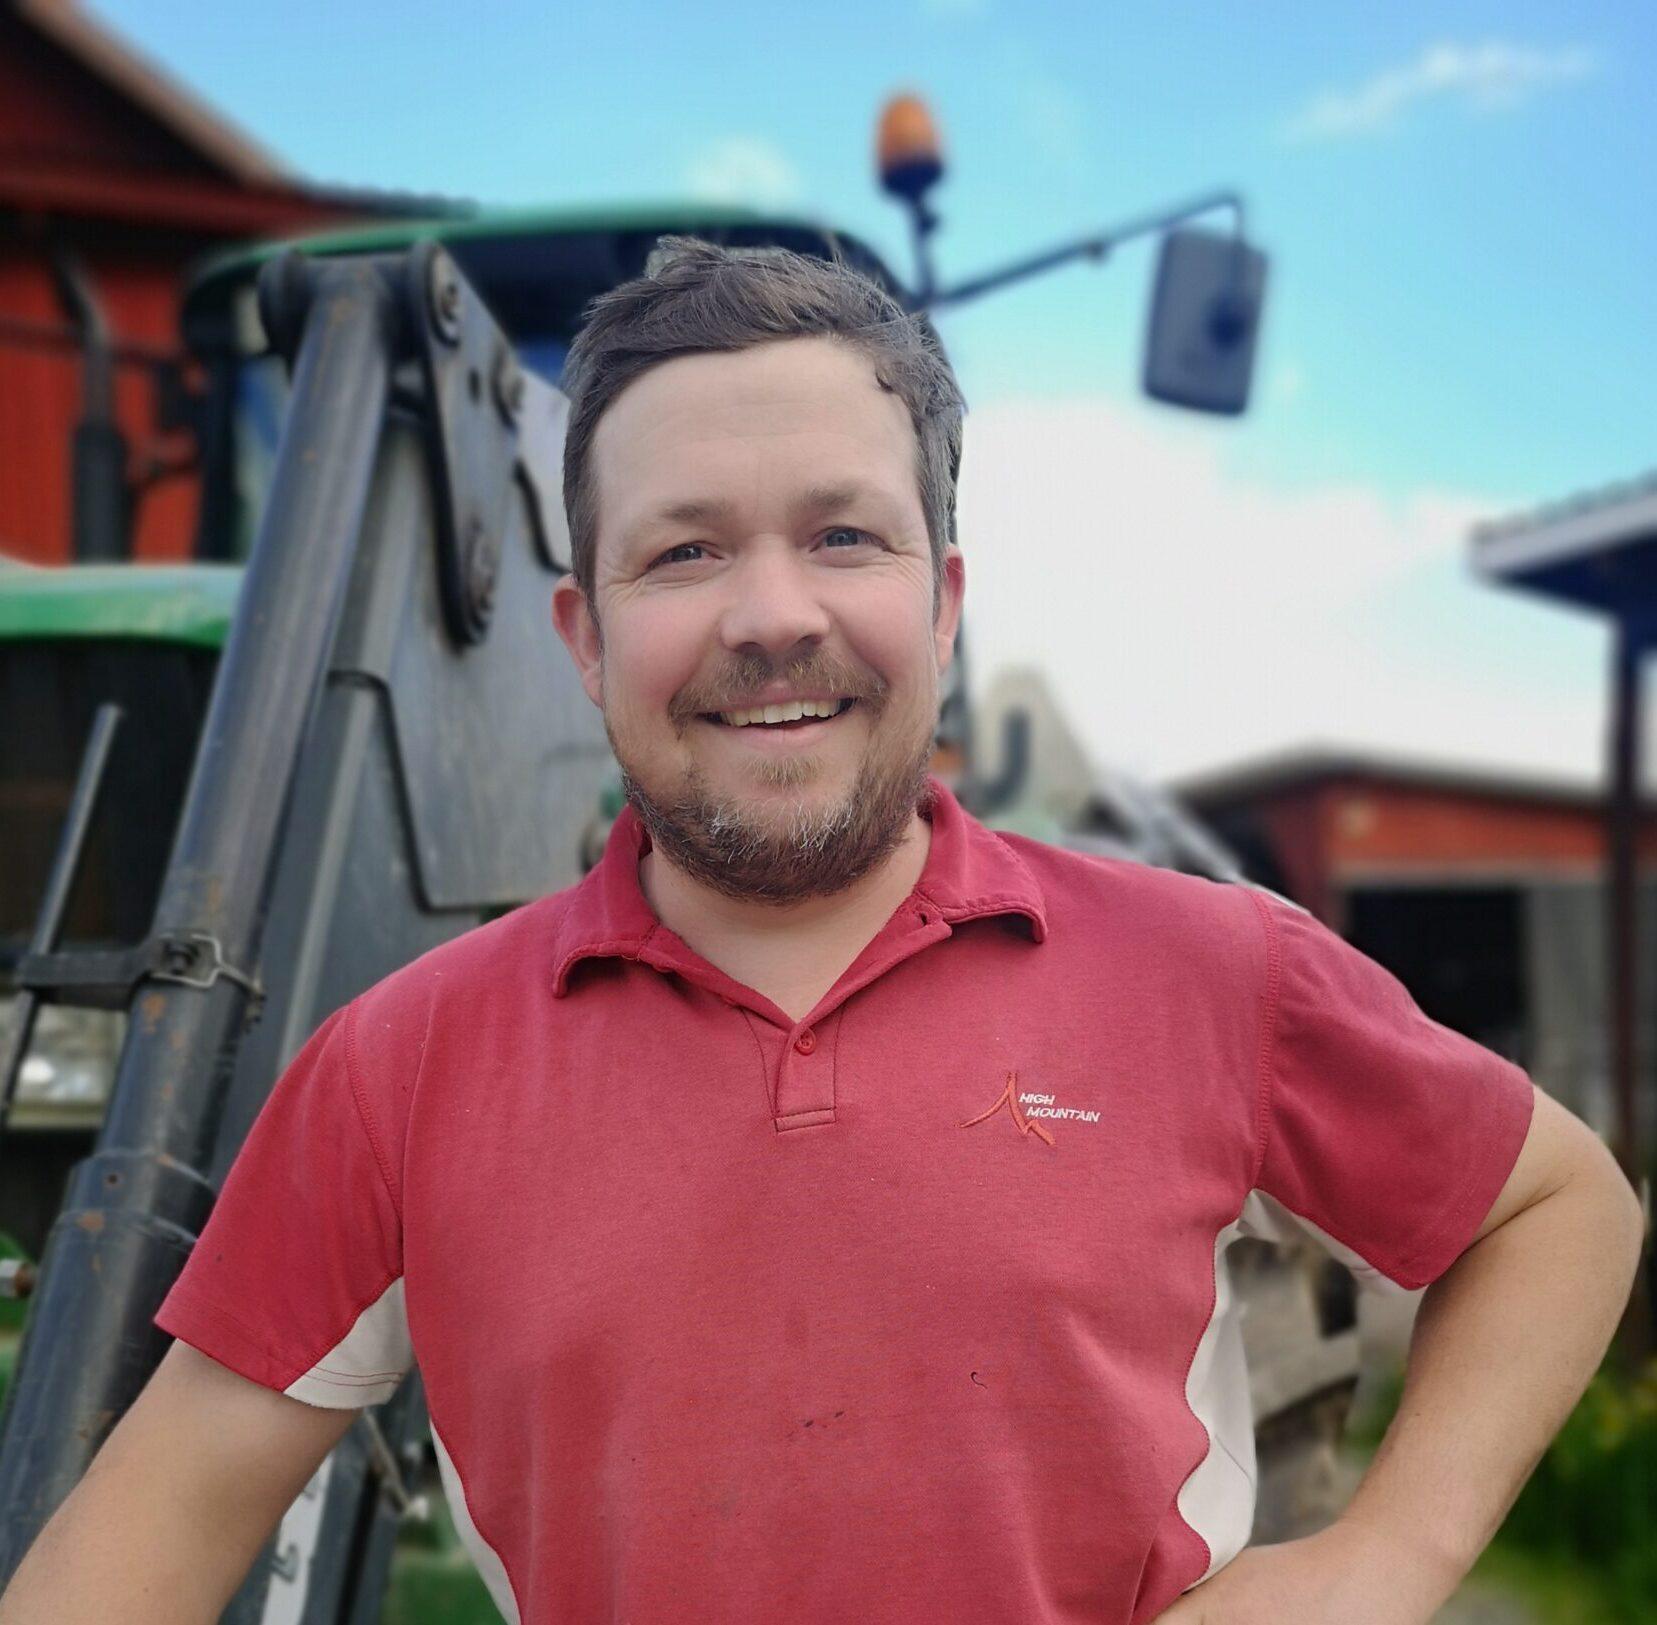 Lantbrukaren Jan Olov i Järnboås, Nora kommun